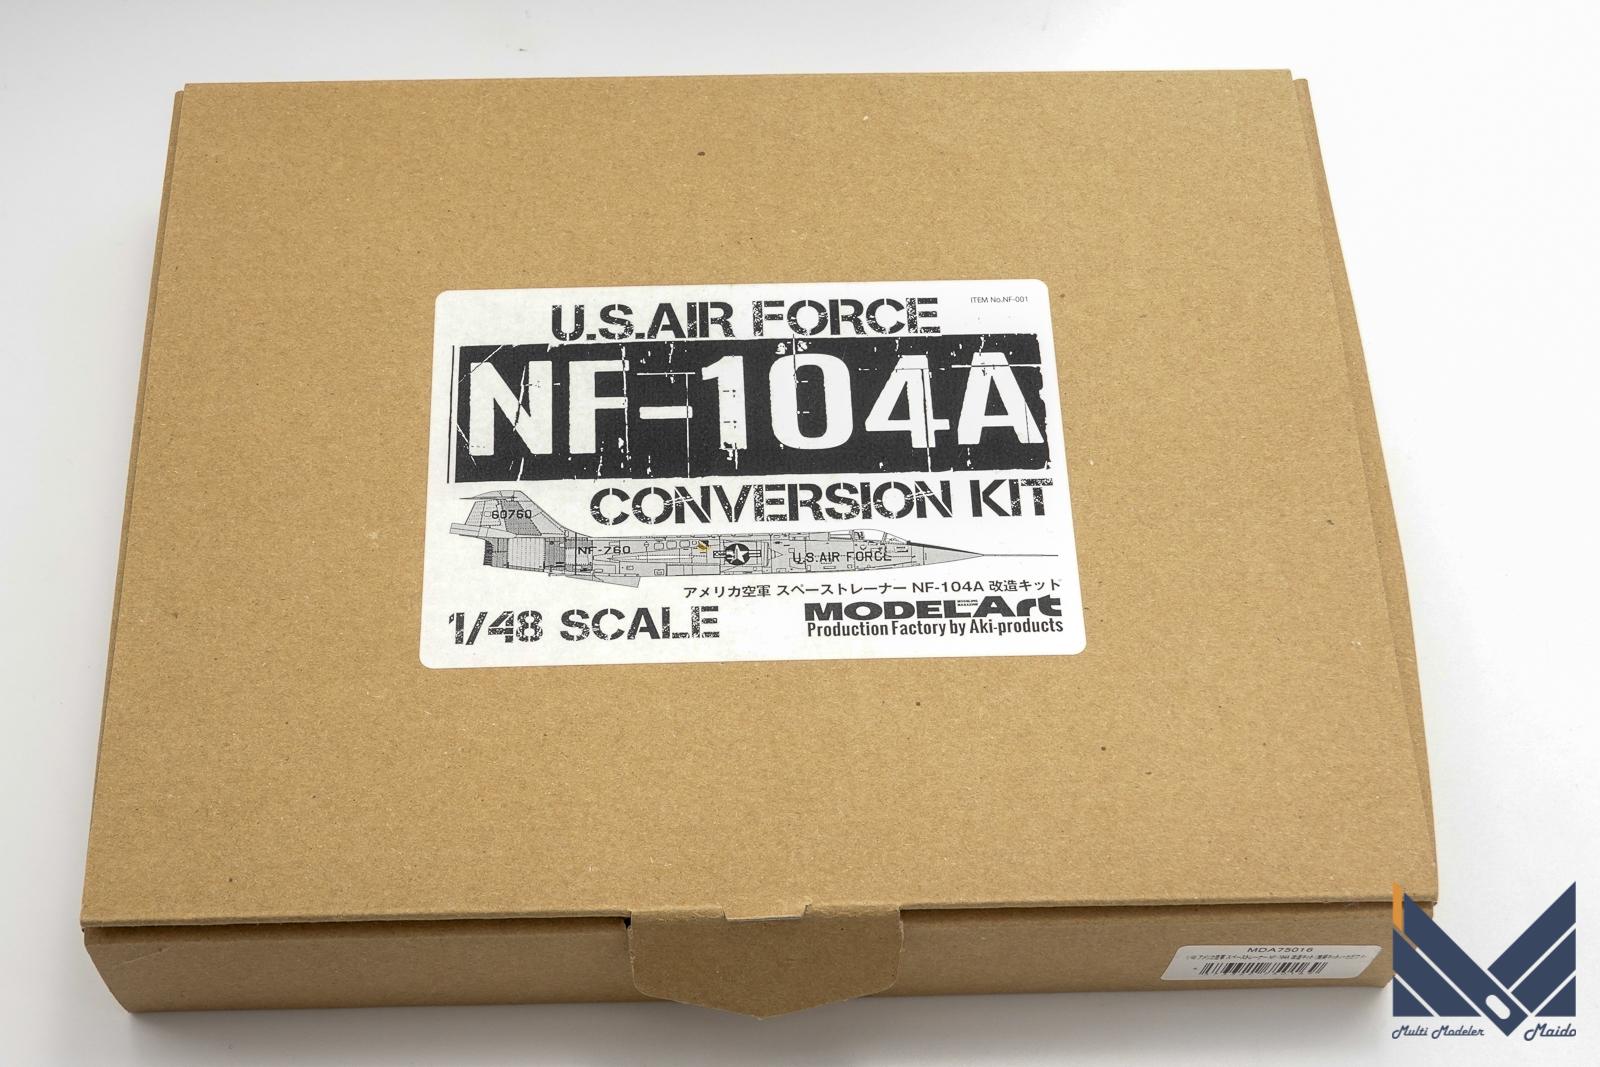 モデルアート 1/48 NF-104A  改造キット キット紹介